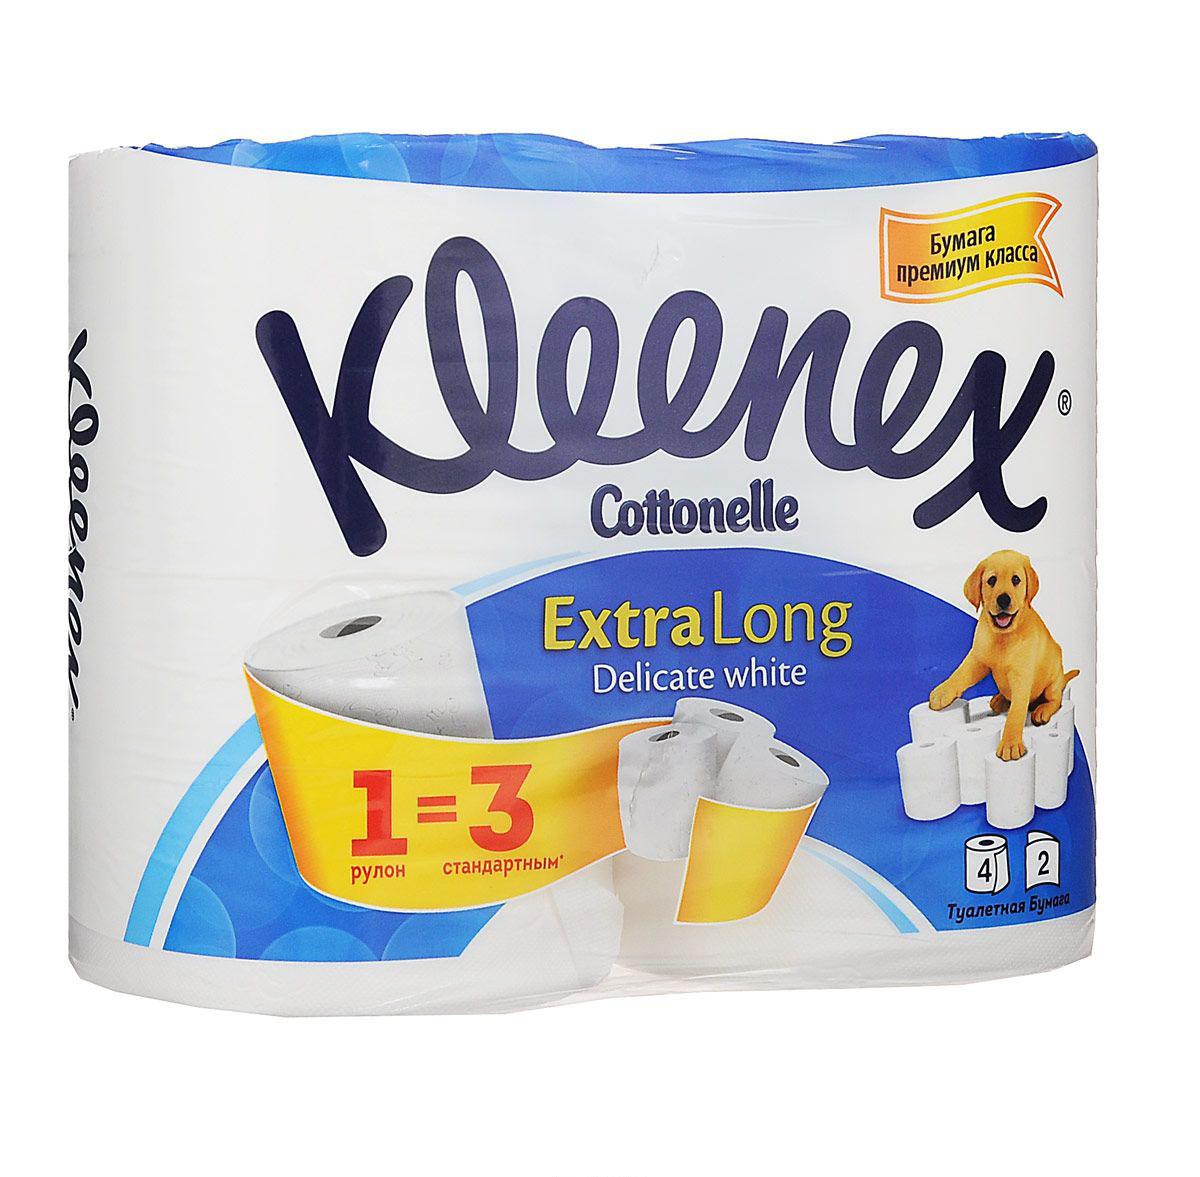 Kleenex Cottonelle Туалетная бумага Extra Long, двухслойная, цвет: белый, 4 рулона787502Туалетная бумага Kleenex Cottonelle Extra Long изготовлена из целлюлозы высшего качества. Двухслойные листы белого цвета имеют рисунок с тиснением. Мягкая, нежная, но в тоже время прочная, бумага не расслаивается и отрывается строго по линии перфорации. Характеристики:Материал: 100% целлюлоза.Цвет: белый.Количество рулонов: 4 шт.Количество листов в рулоне: 488.Количество слоев: 2.Размер листа: 9,6 см х 11,3 см.Размер упаковки: 25 см х 13 см х 19,5 см.Артикул: 9450044.Производитель: Венгрия.Товар сертифицирован.Уважаемые клиенты!Обращаем ваше внимание на измененный дизайн упаковки. Комплектация осталась без изменений.